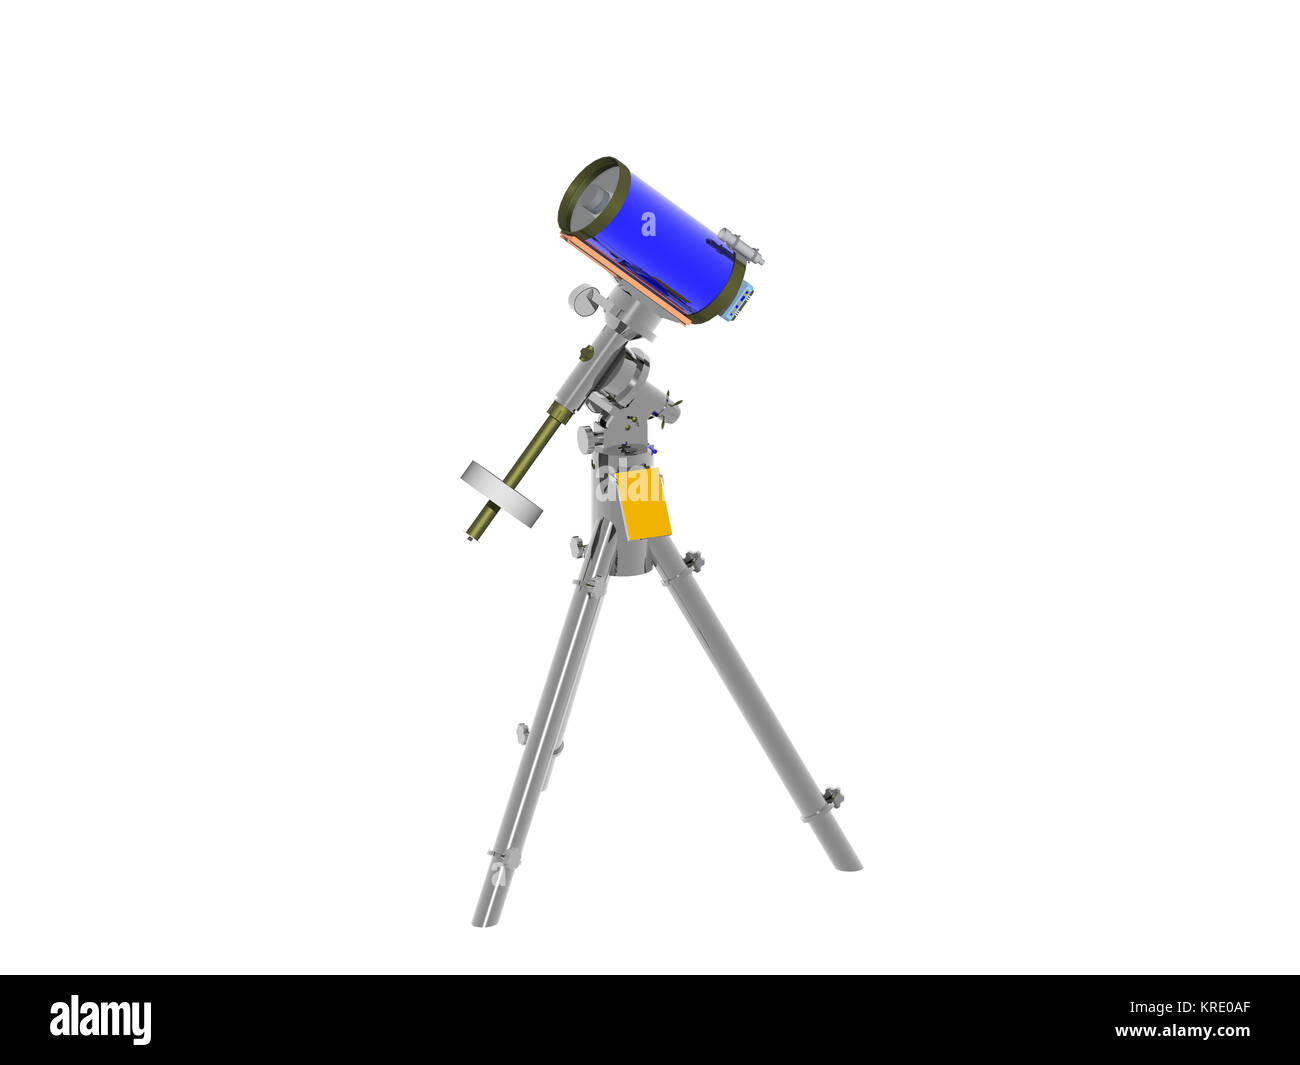 Optik teleskop stockfotos & optik teleskop bilder alamy